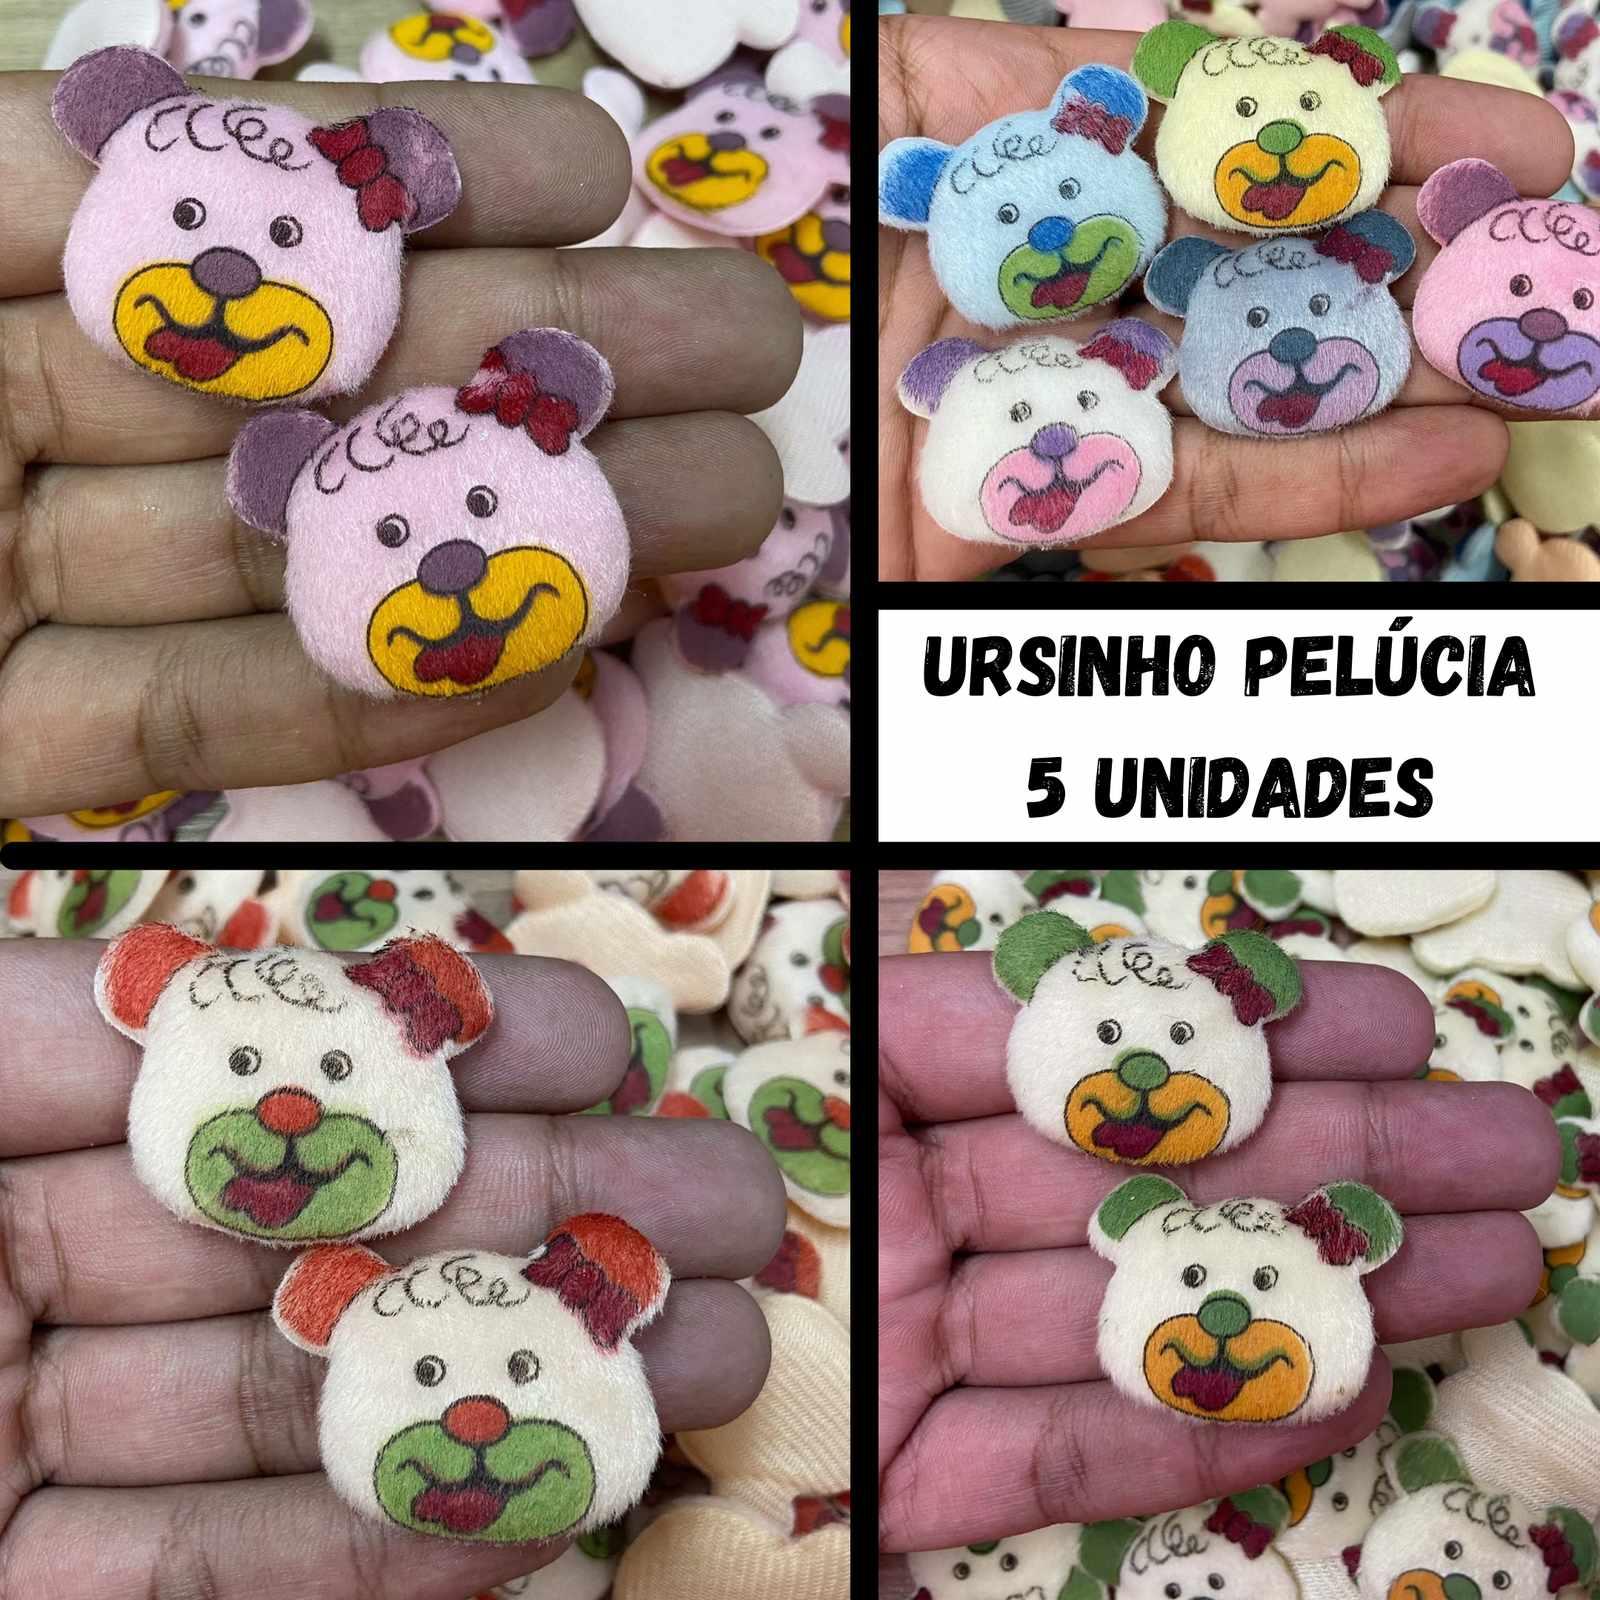 Ursinho Pelúcia - 5 unidades